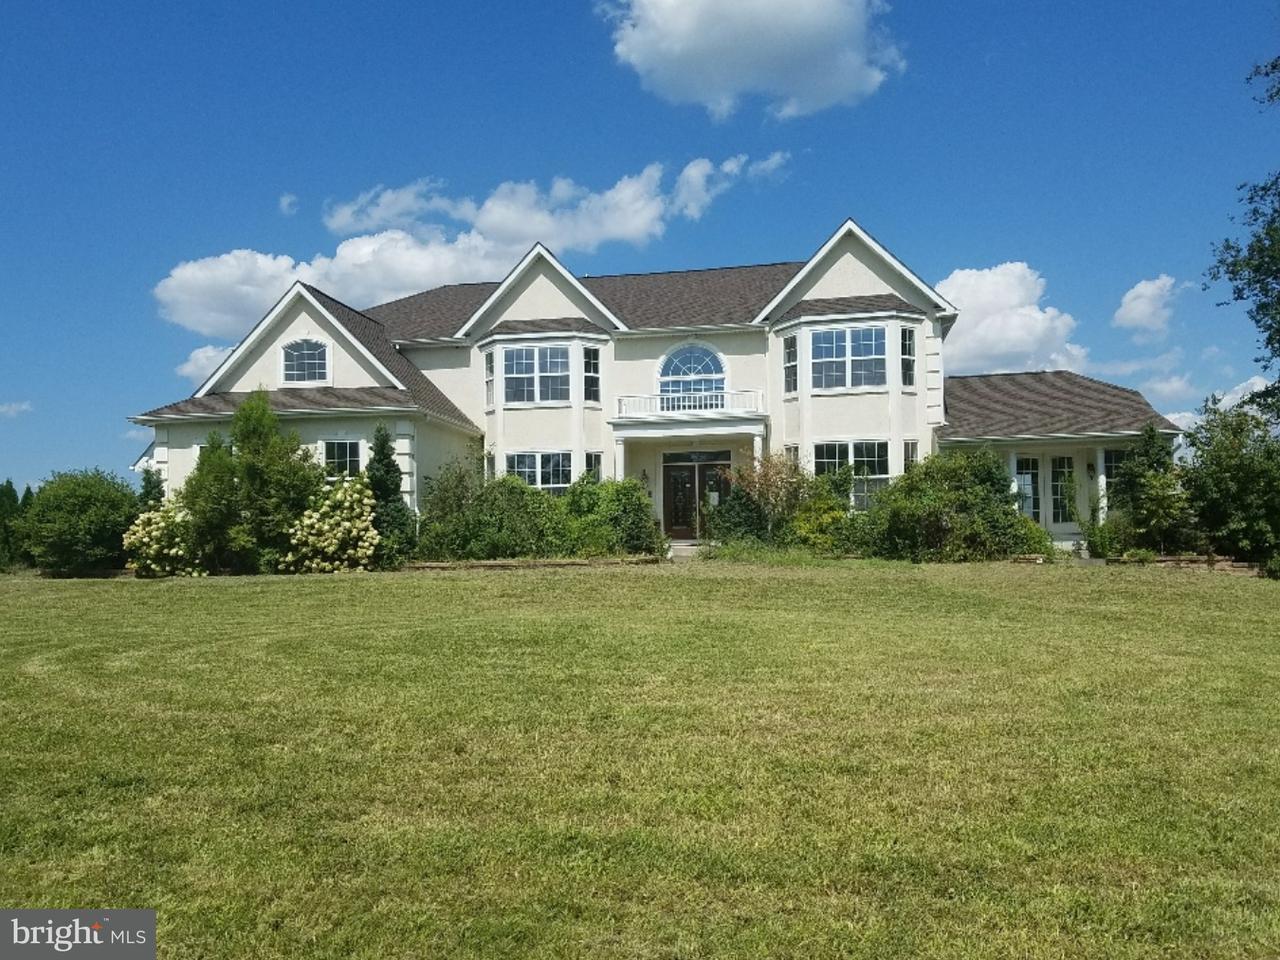 独户住宅 为 销售 在 11 AMETHYST Court Swedesboro, 新泽西州 08085 美国